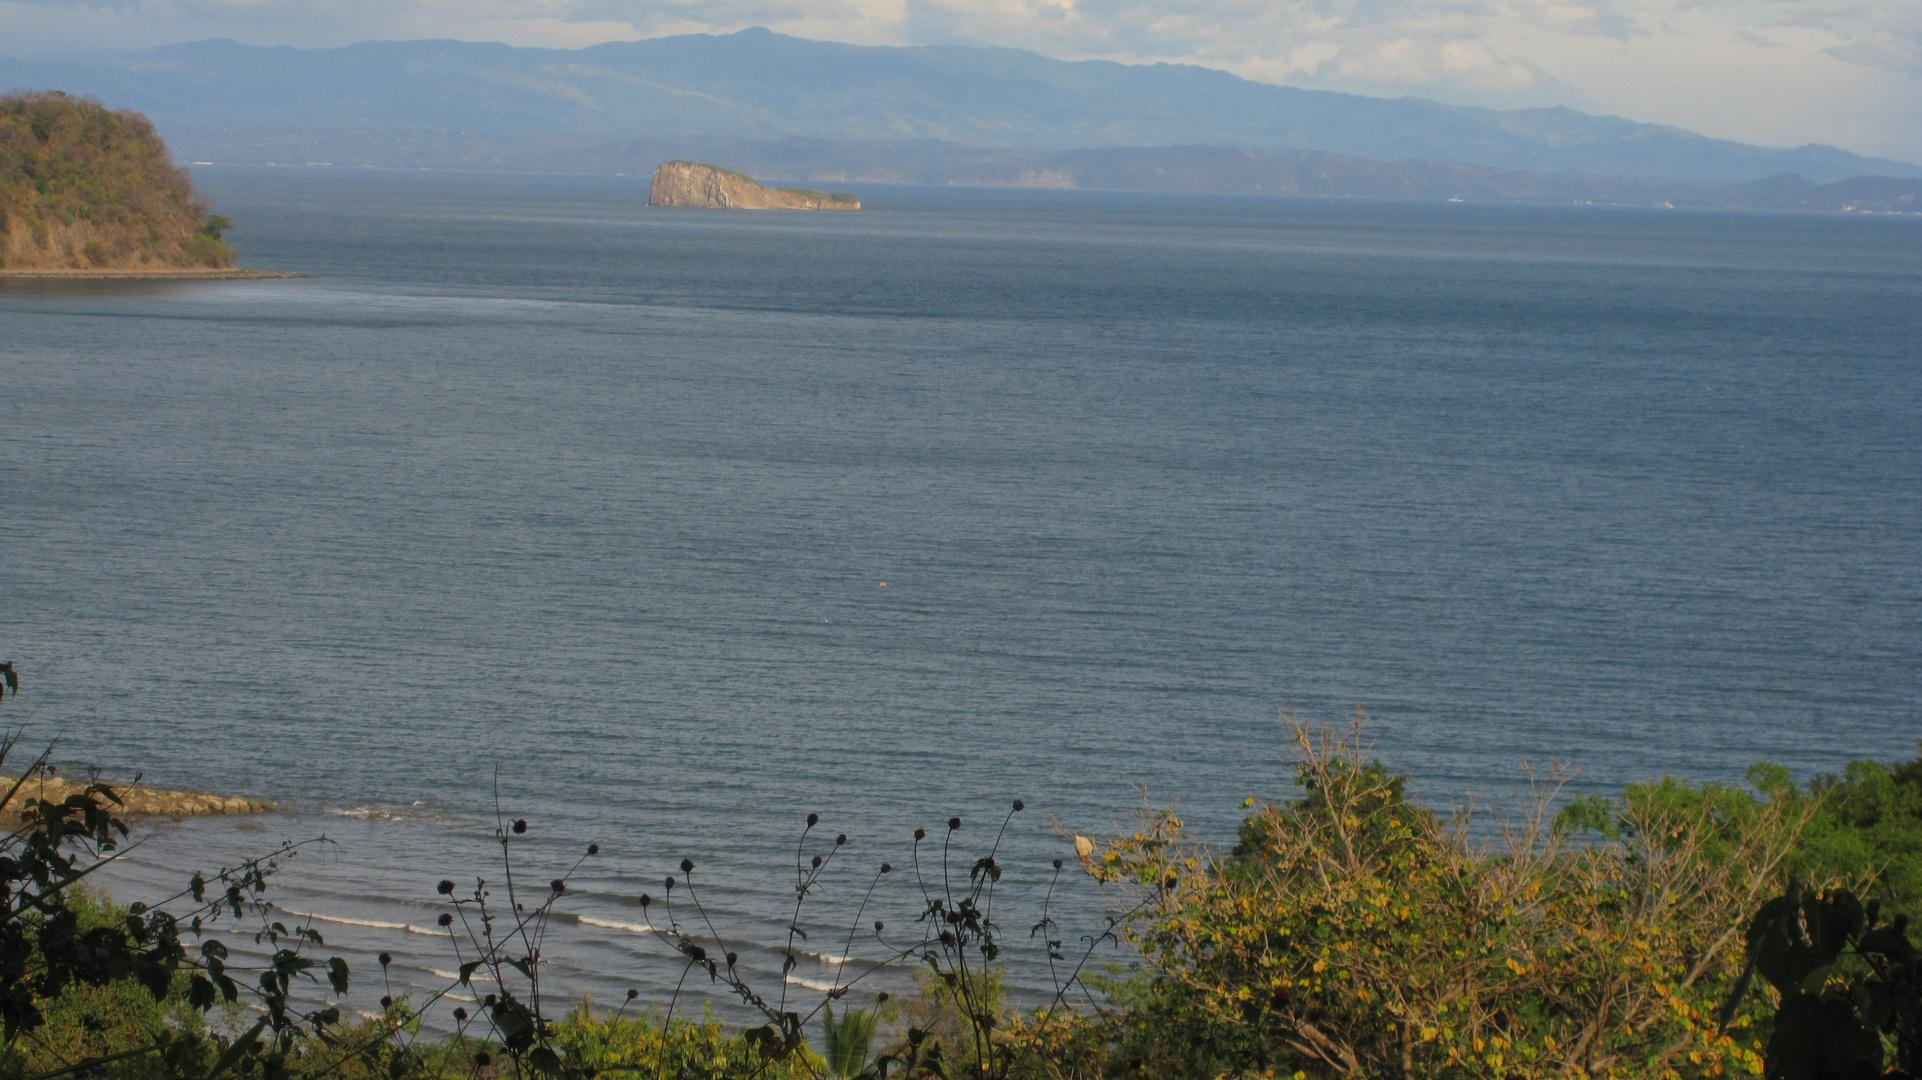 Golfo de Nicoya, el otro lado de la isla